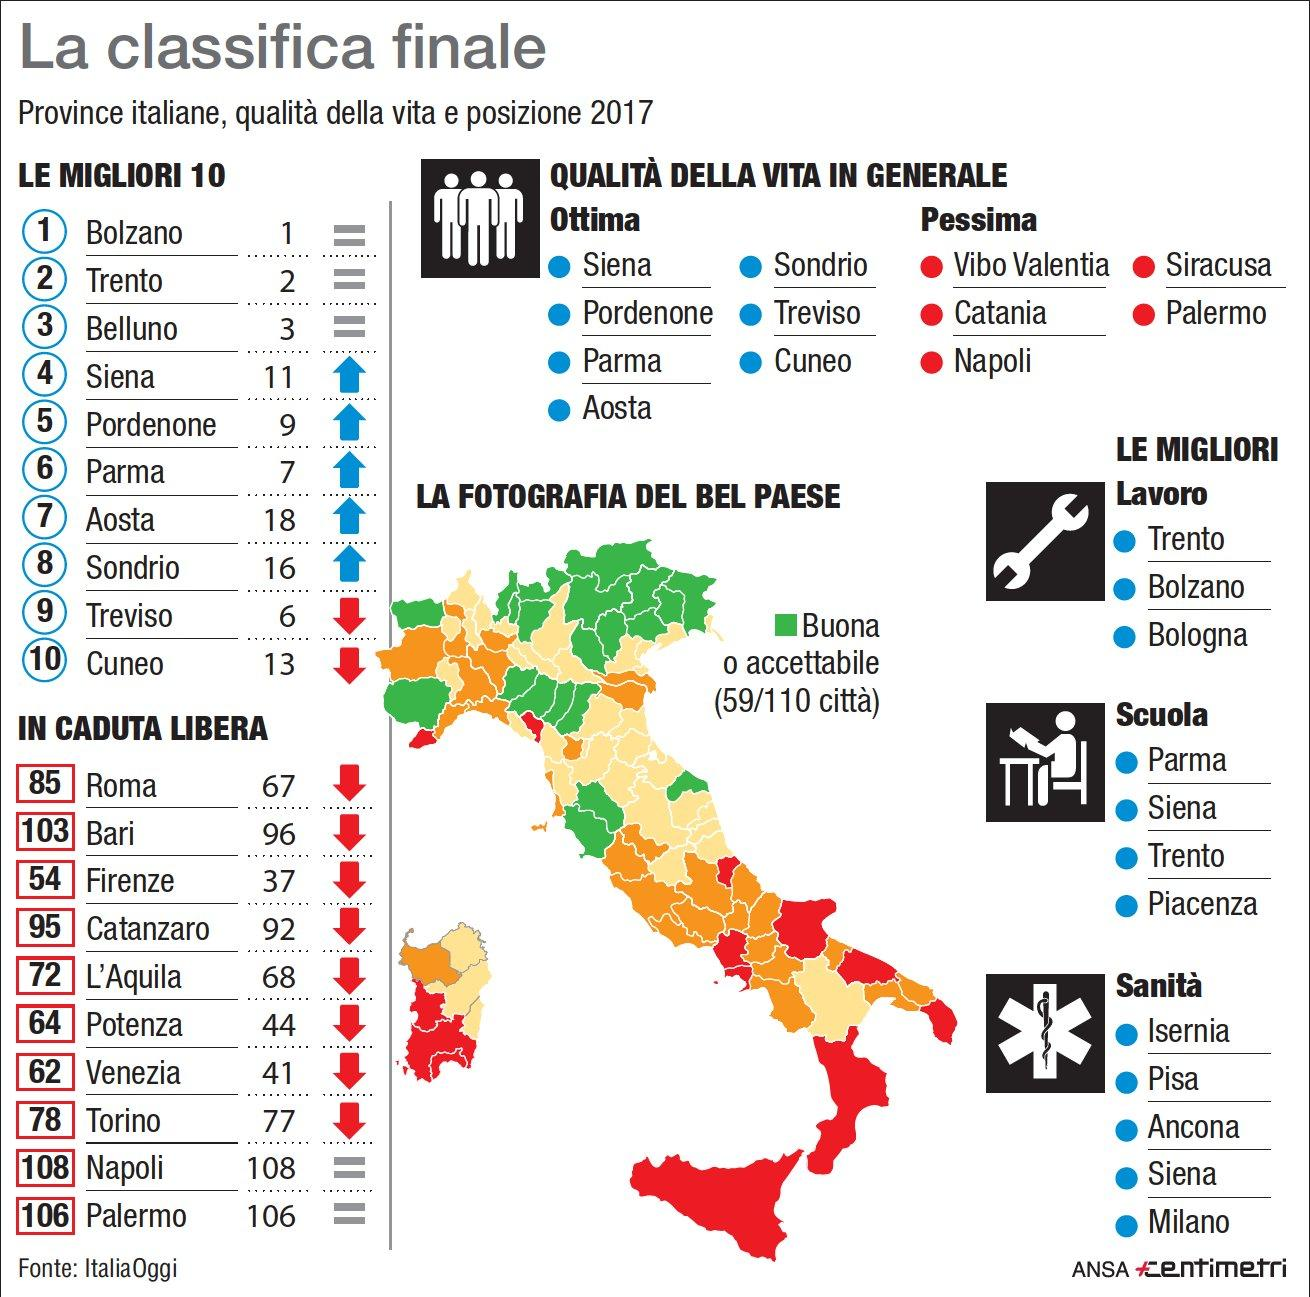 Qualit della vita la classifica delle citt italiane for Classifica qualita della vita 2018